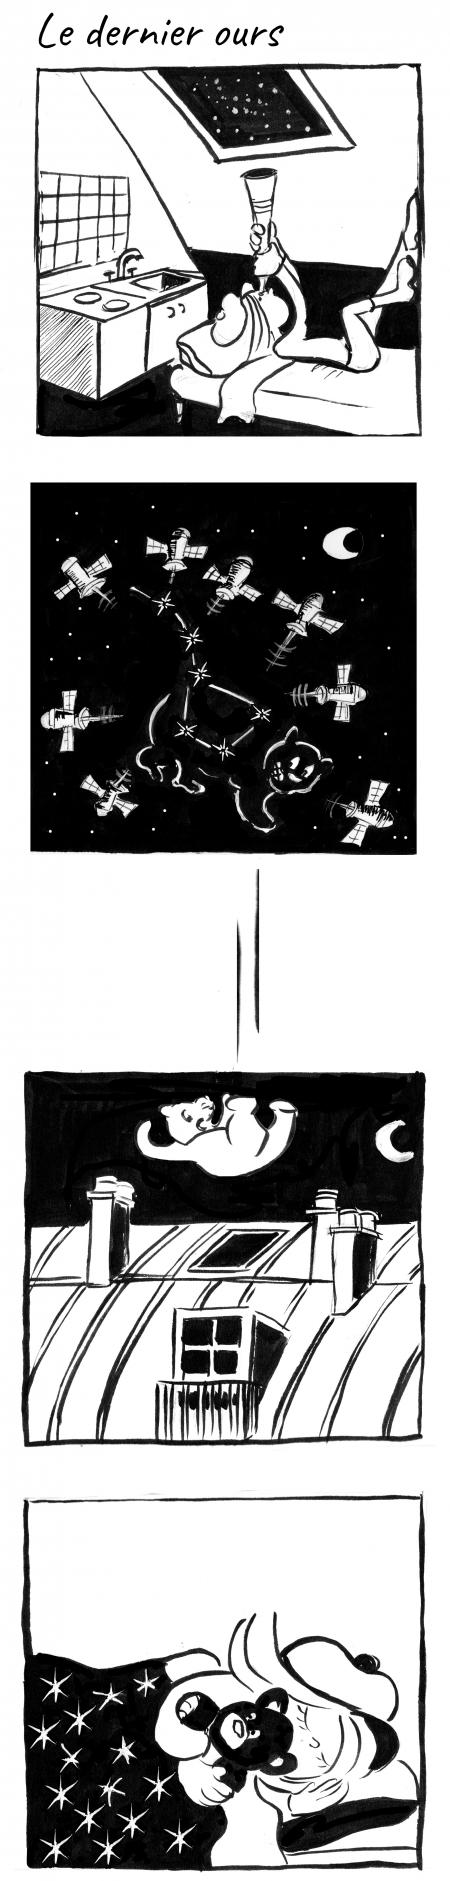 webzine,bd,gratuit,zébra,bande-dessinée,fanzine,strip,lola,aurélie dekeyser,constellation,nuit,lunette,petite ourse,paris